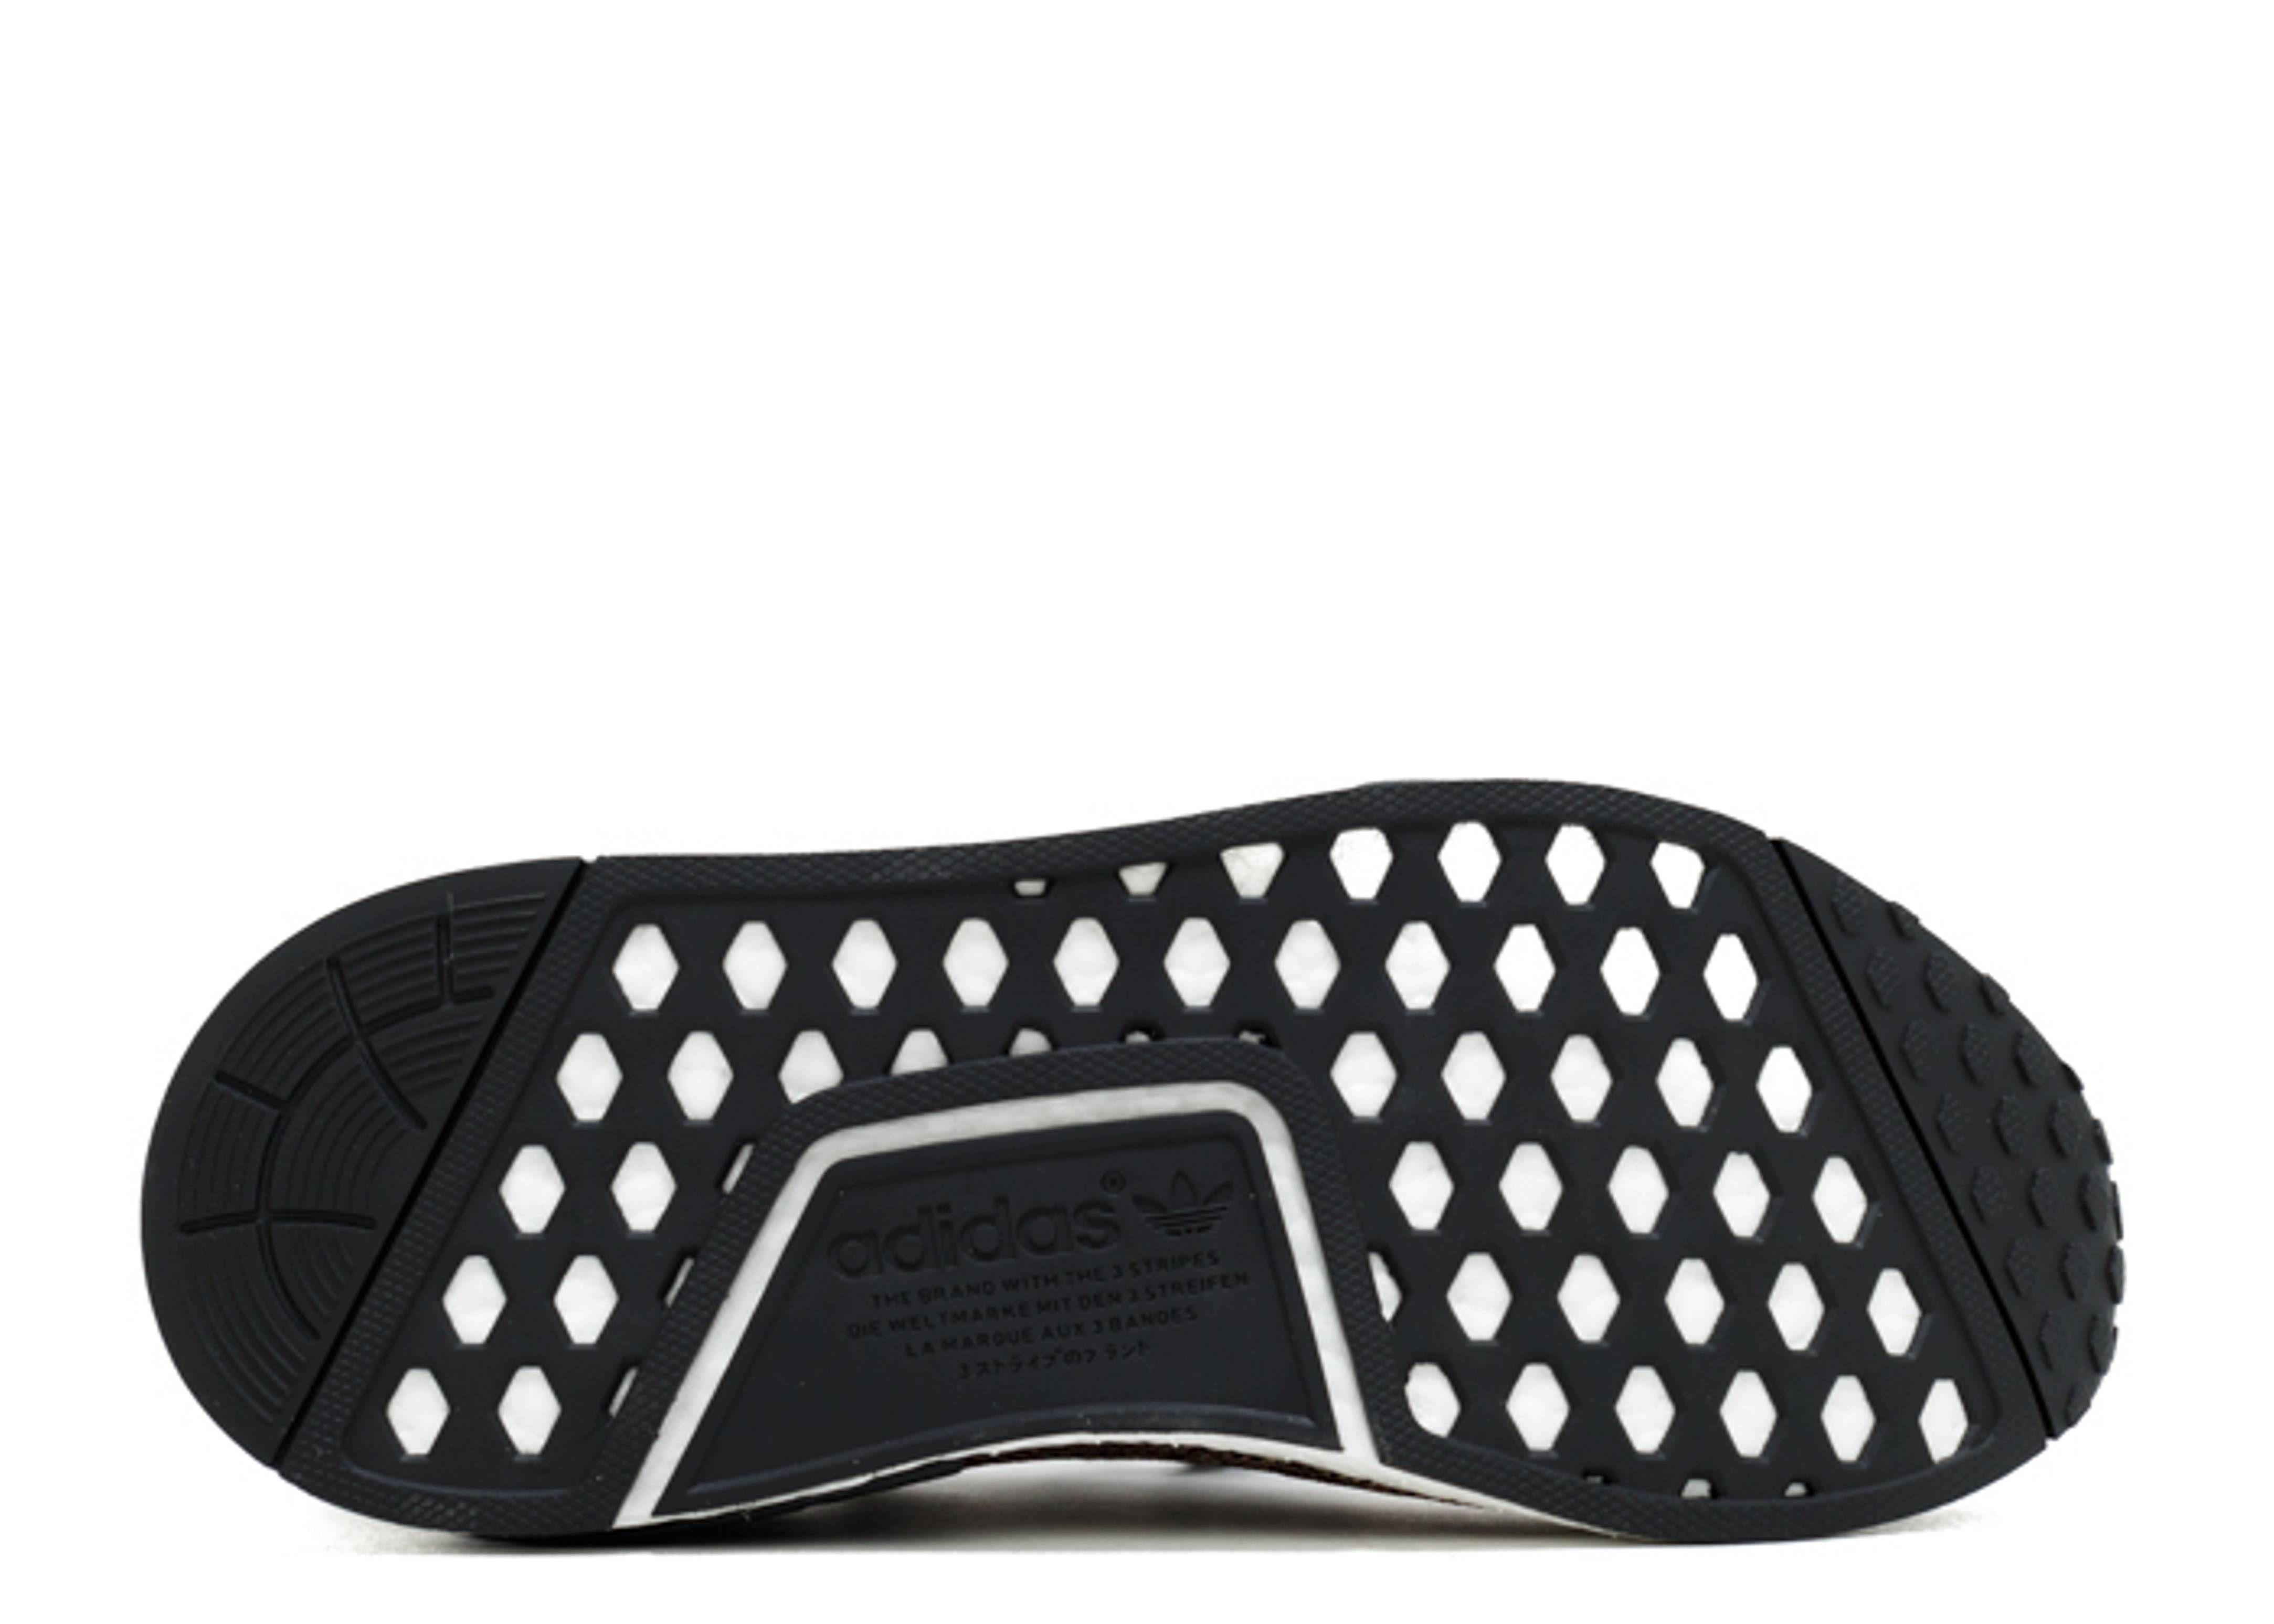 adidas nmd r1 pk camo